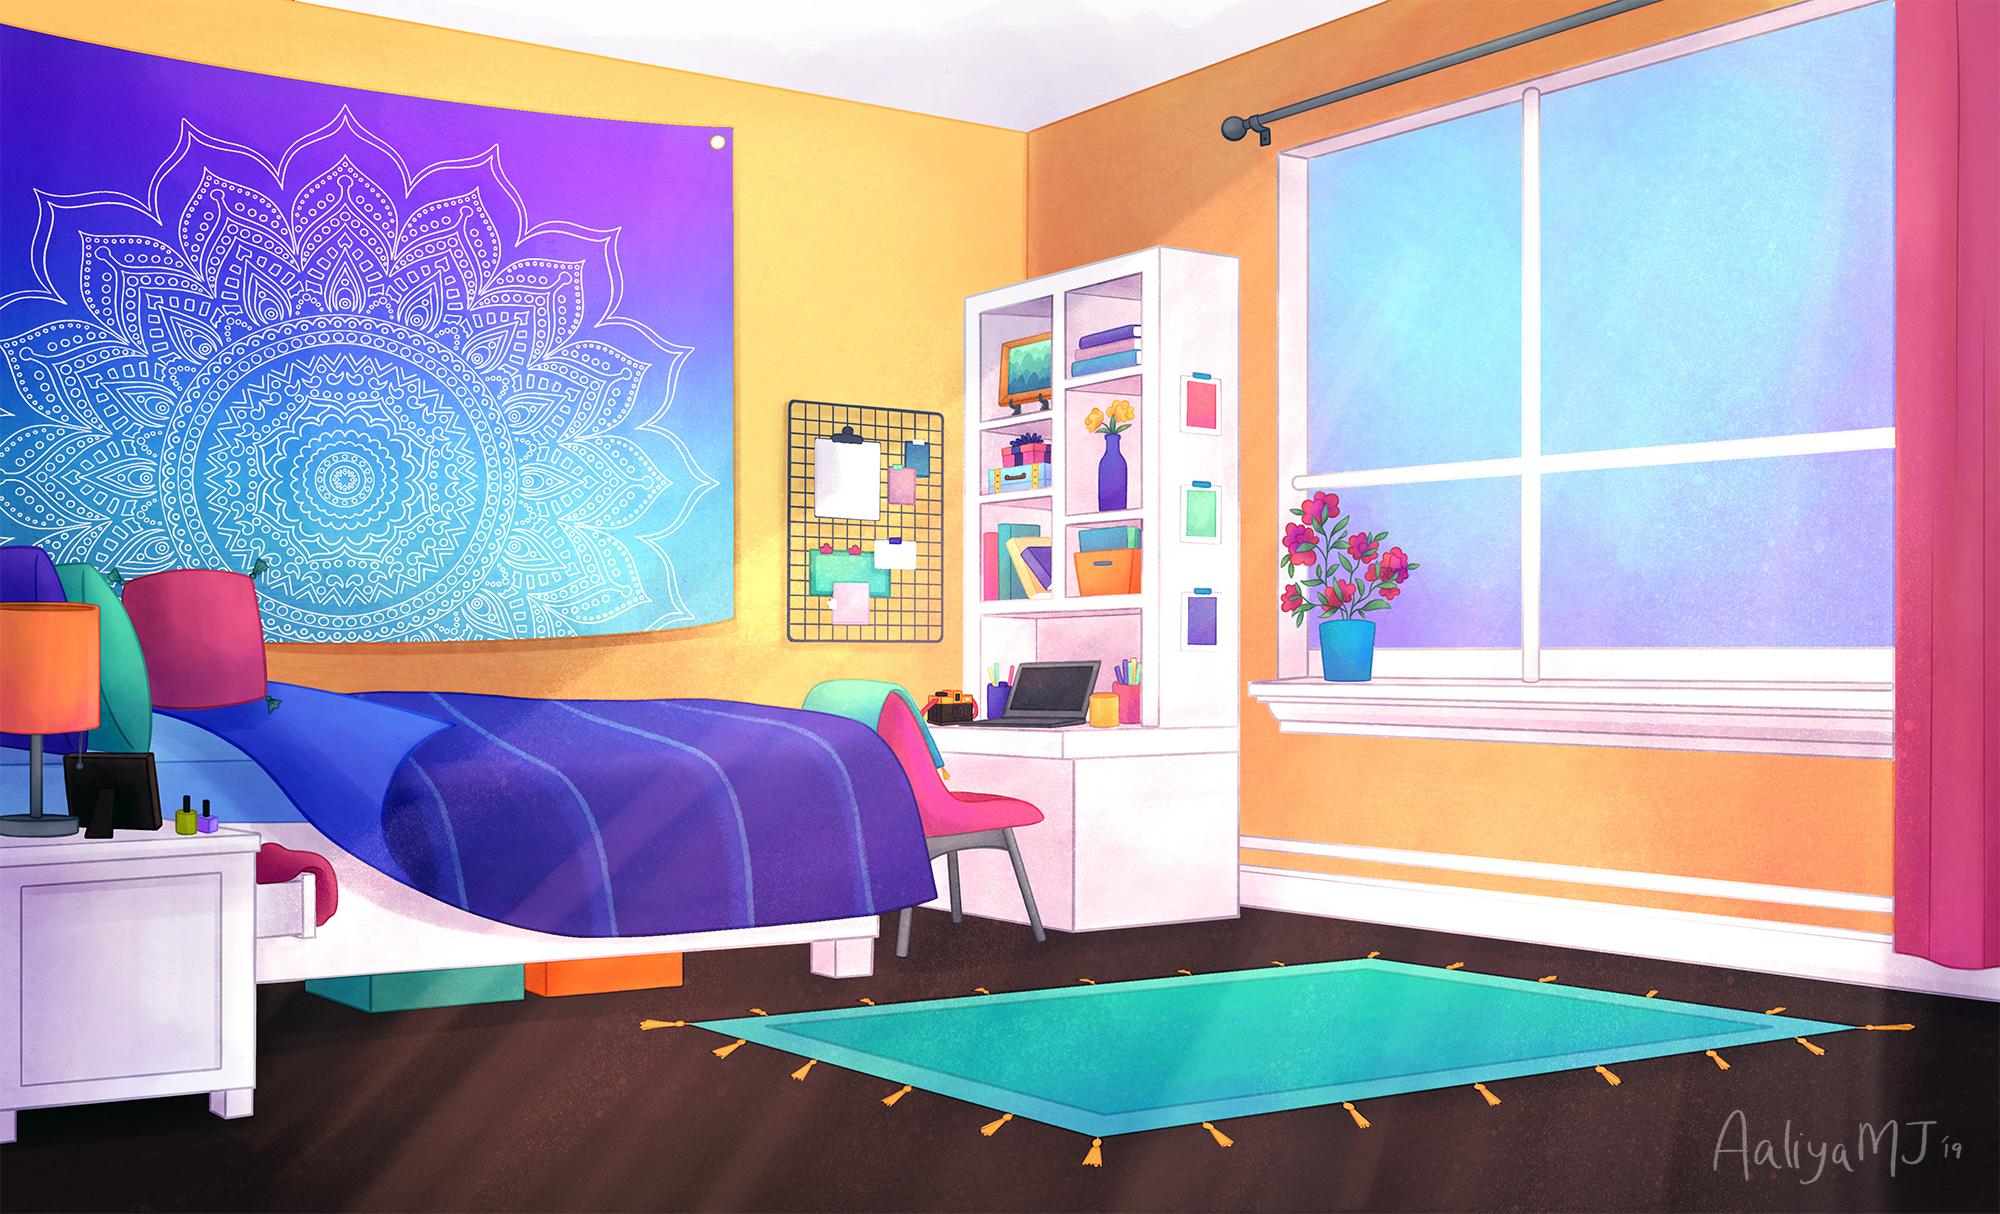 Jenna's Bedroom